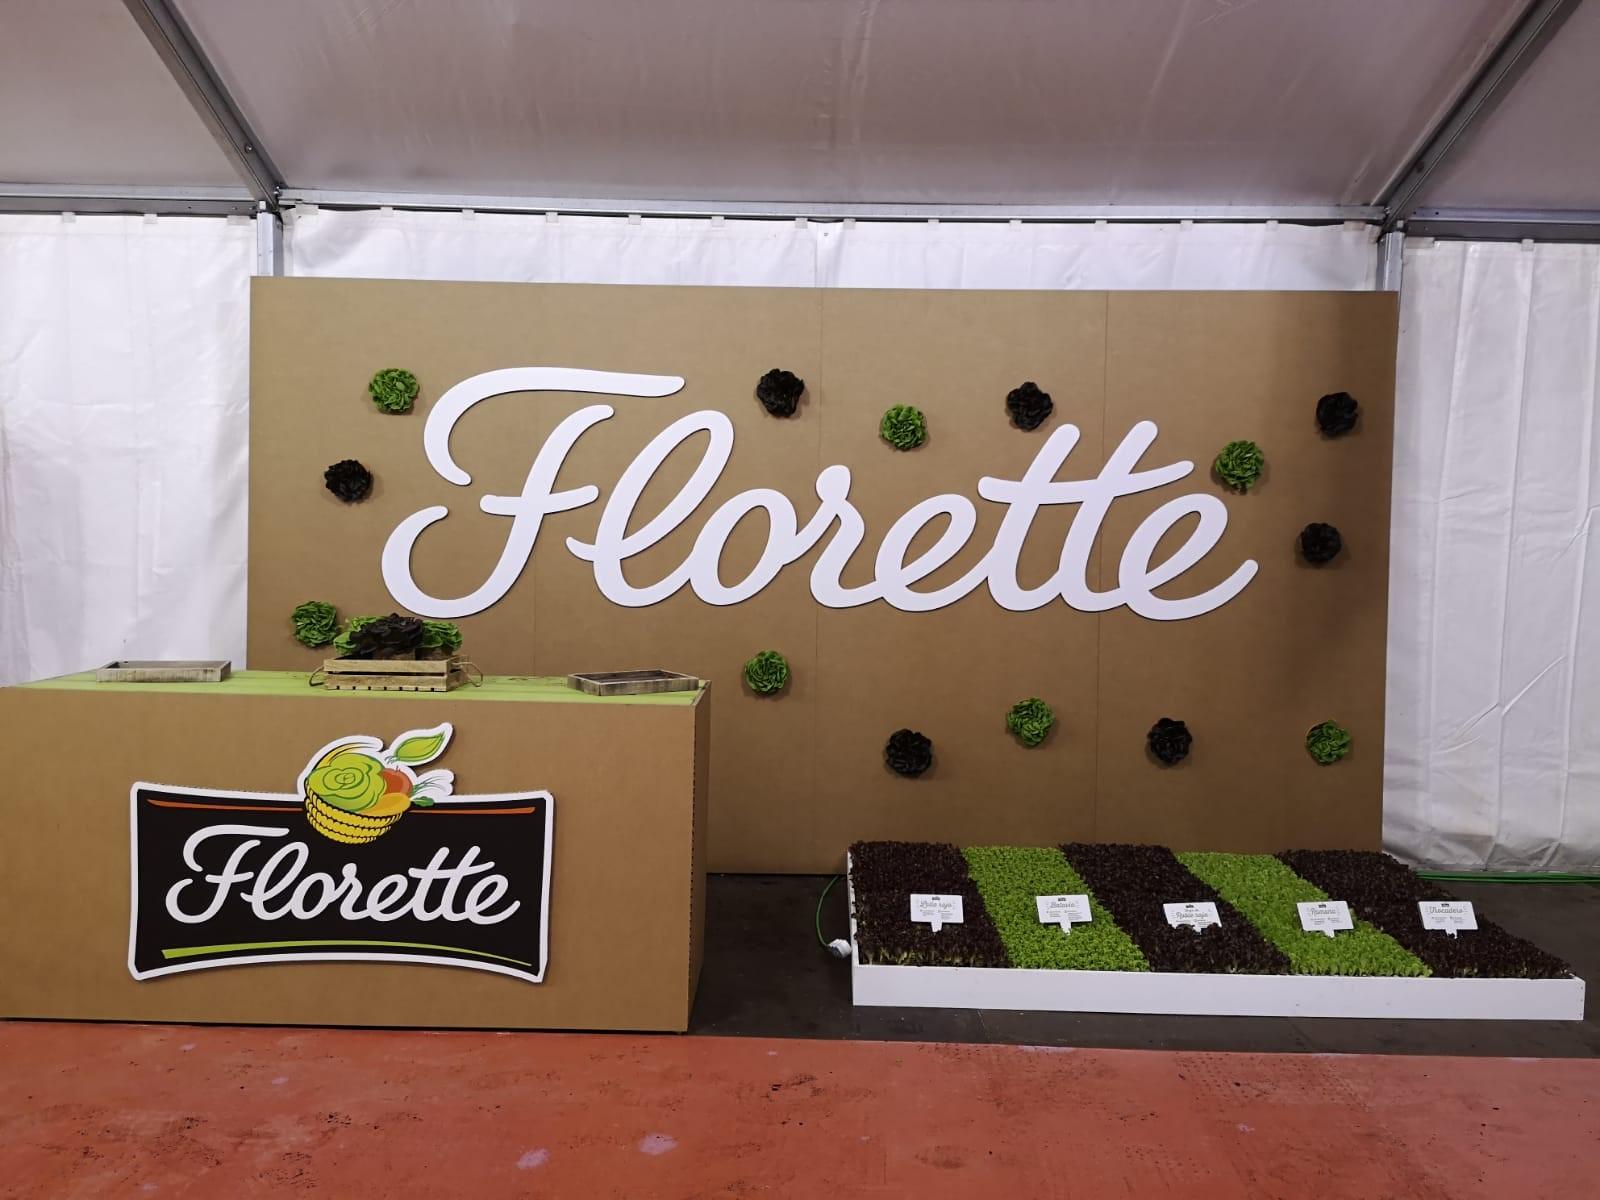 Florette. Eroski.